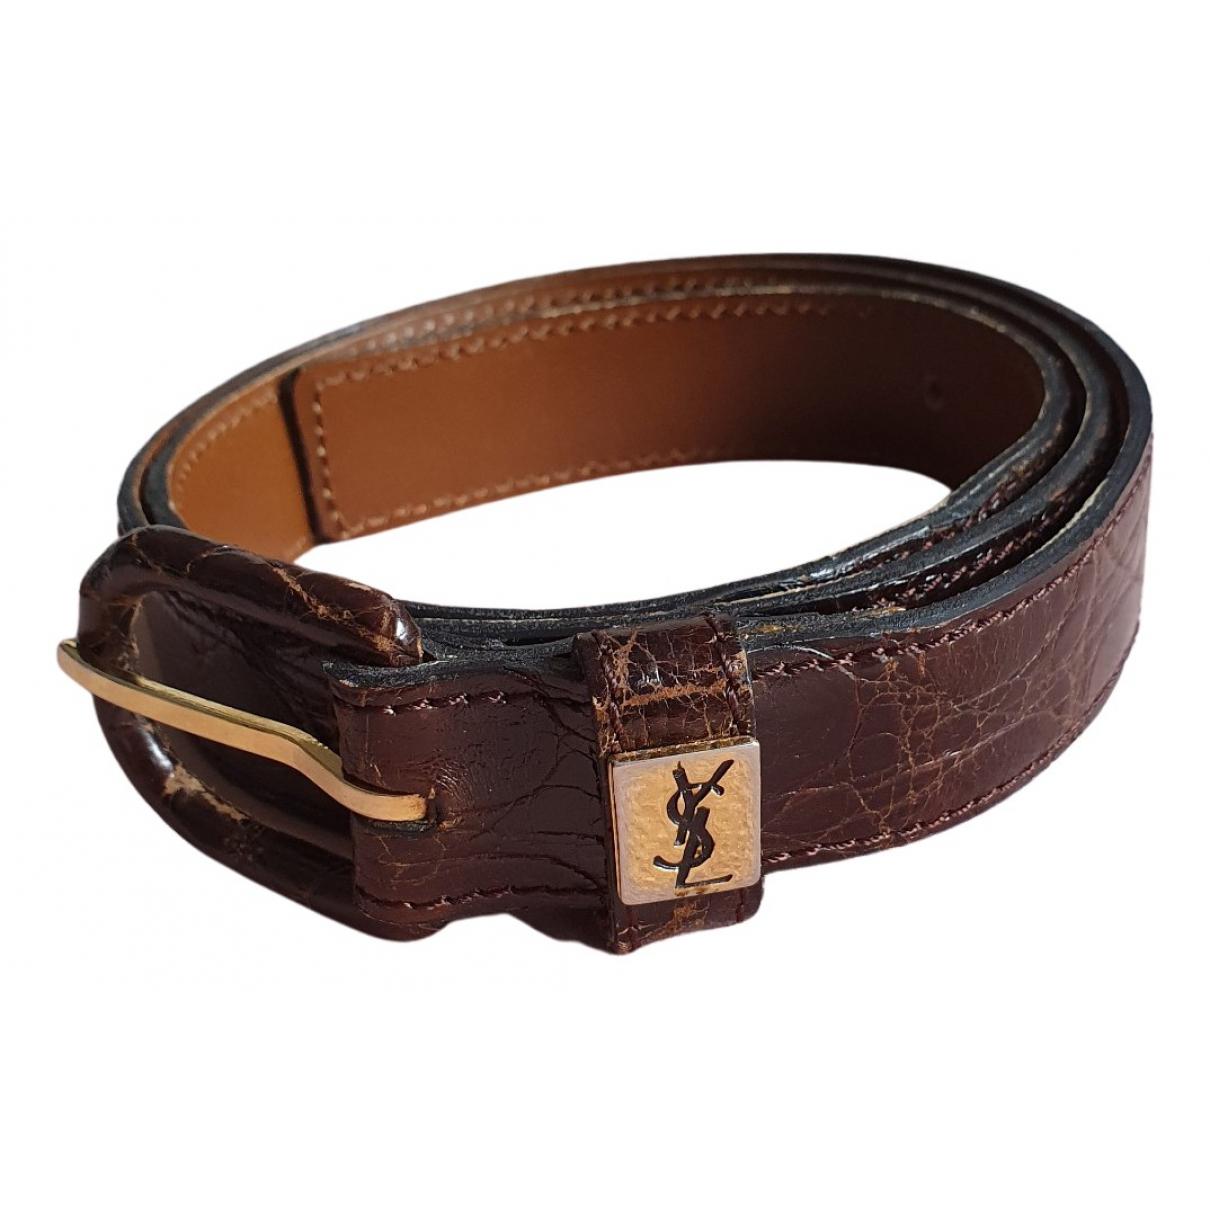 Yves Saint Laurent N Burgundy Patent leather belt for Women 75 cm